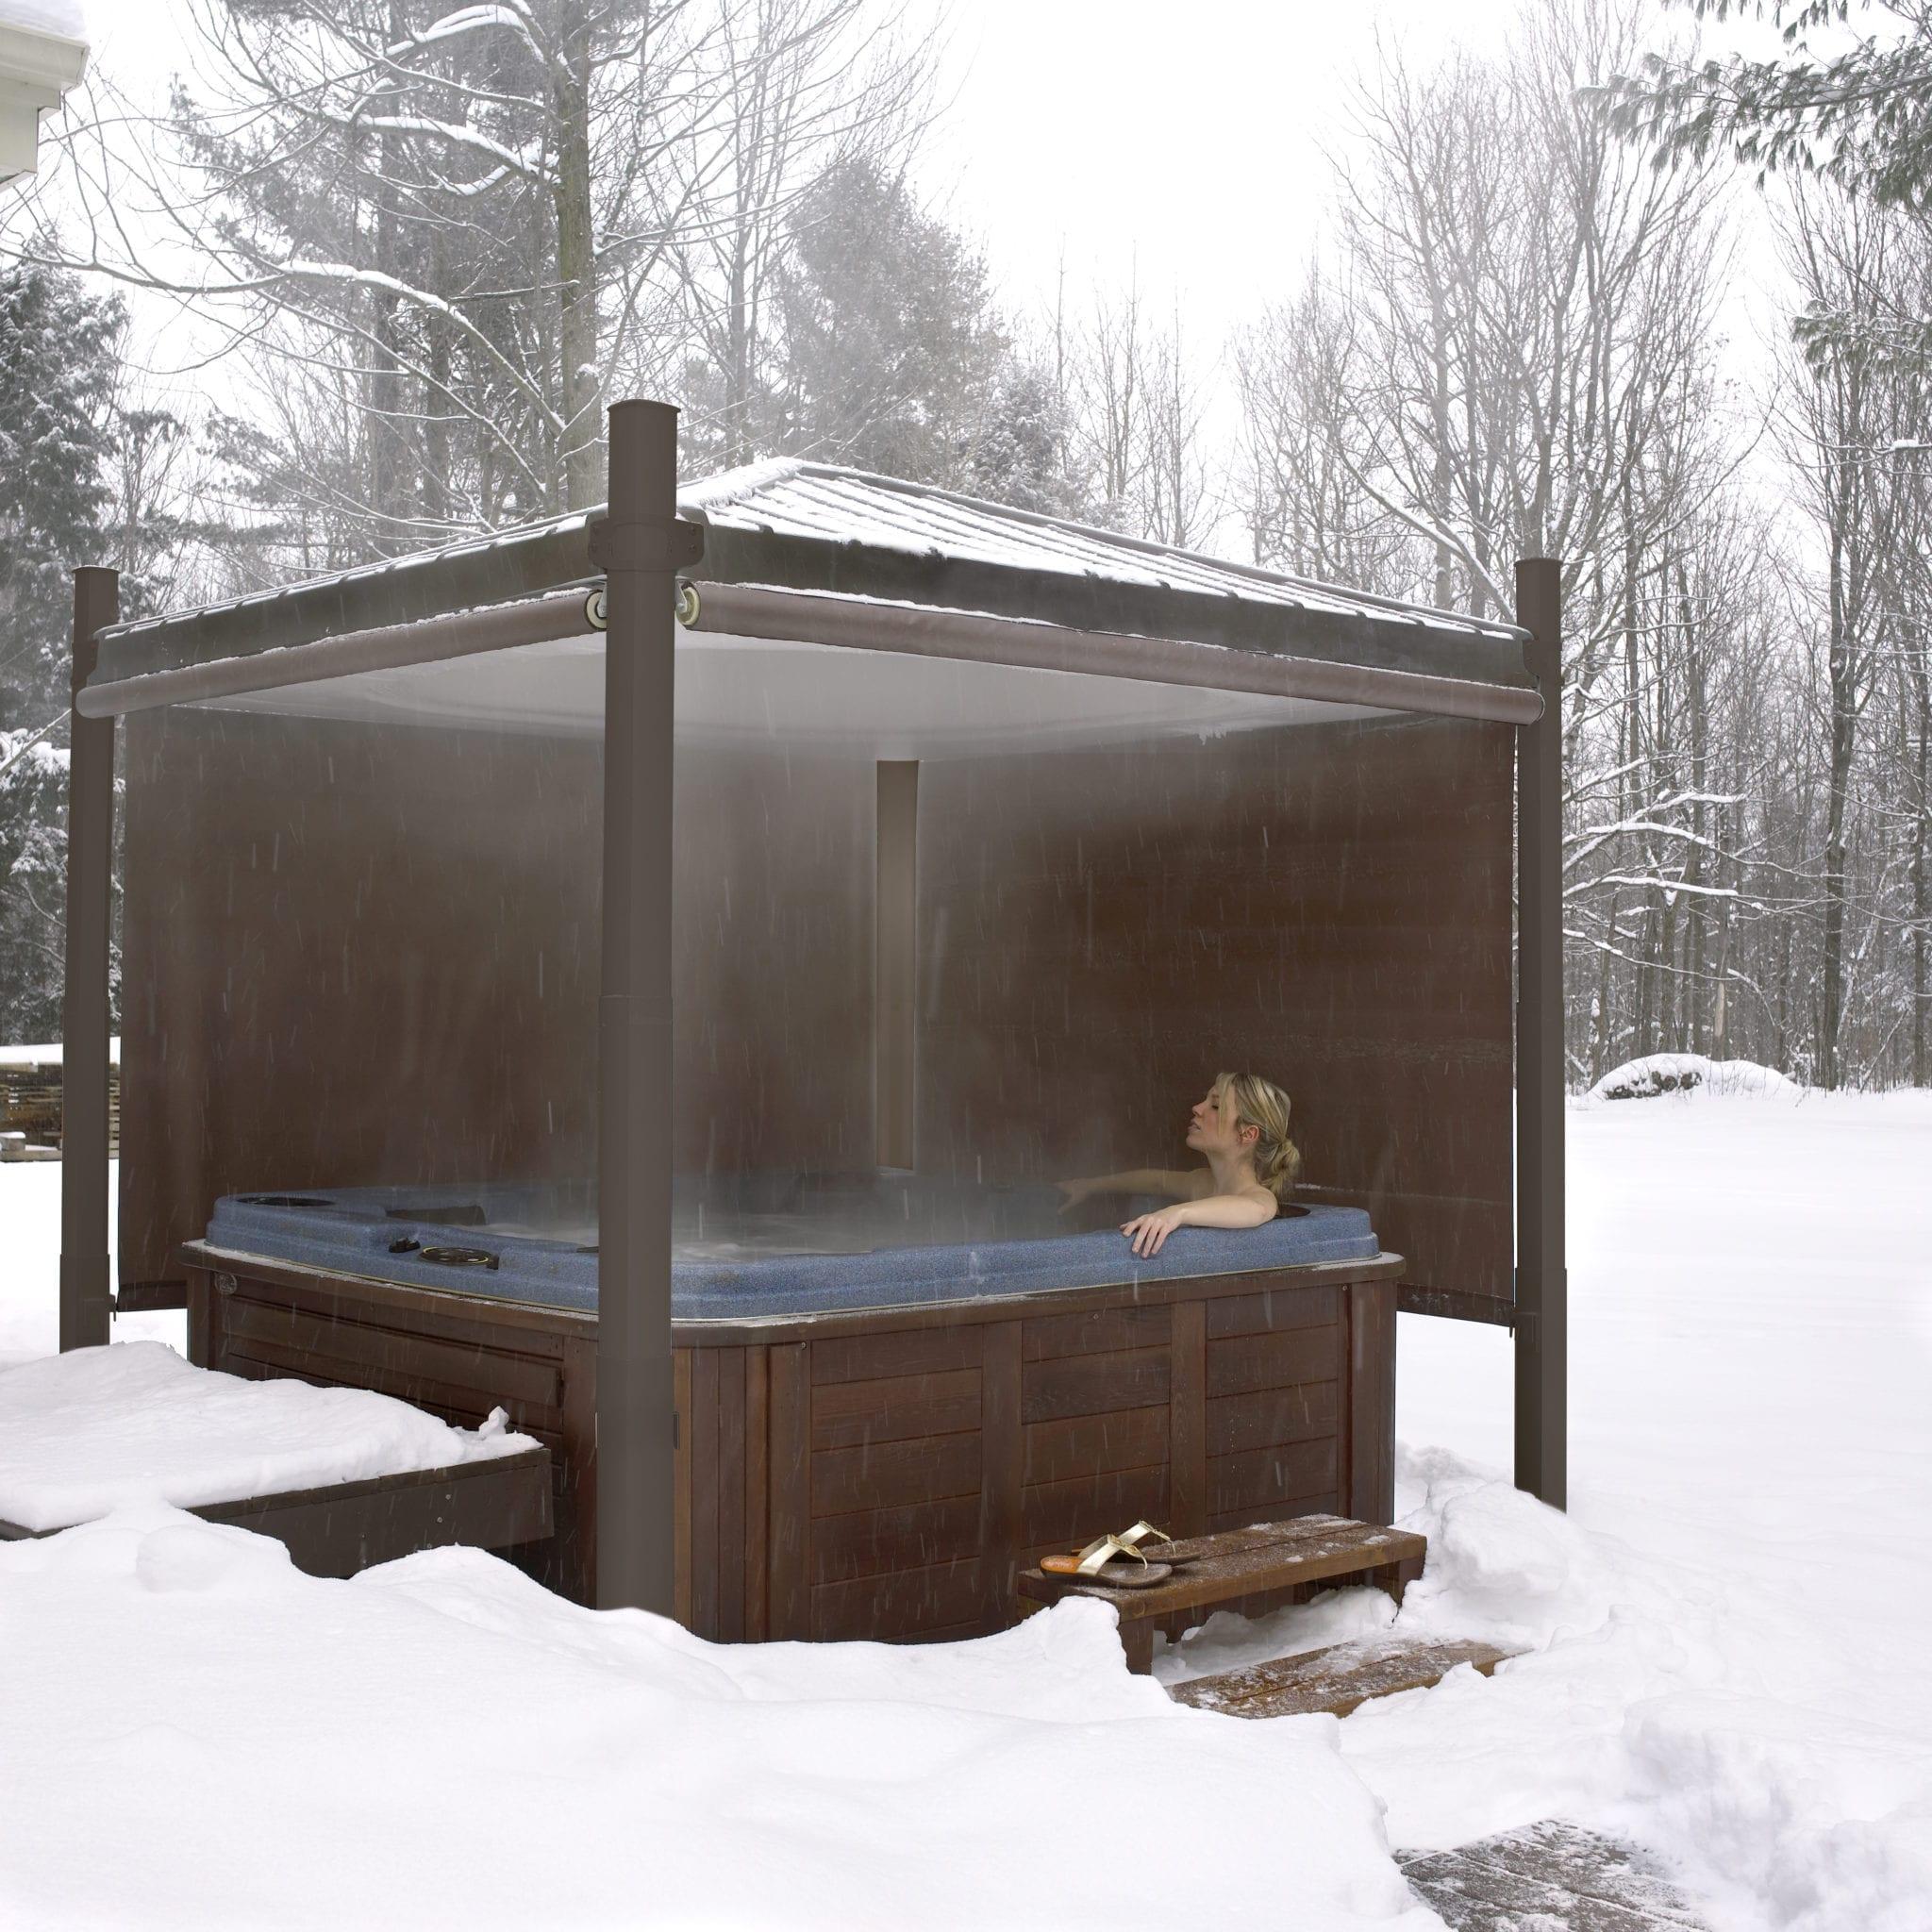 Нагреватель воды для бассейна — как нагреть воду в бассейне на даче